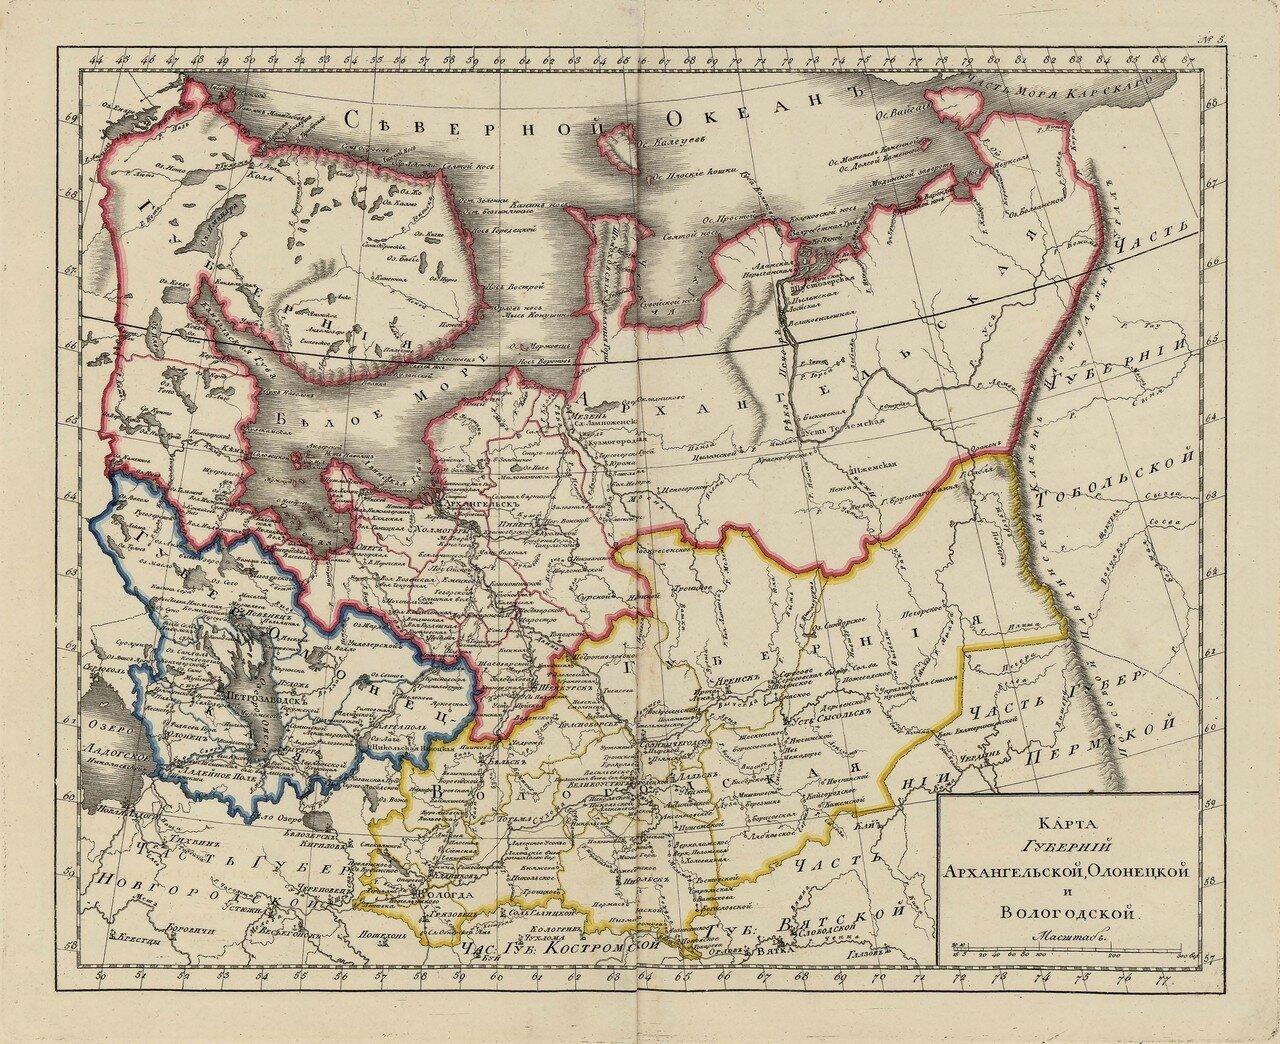 06. Карта губерний Архангельской, Олонецкой и Вологодской